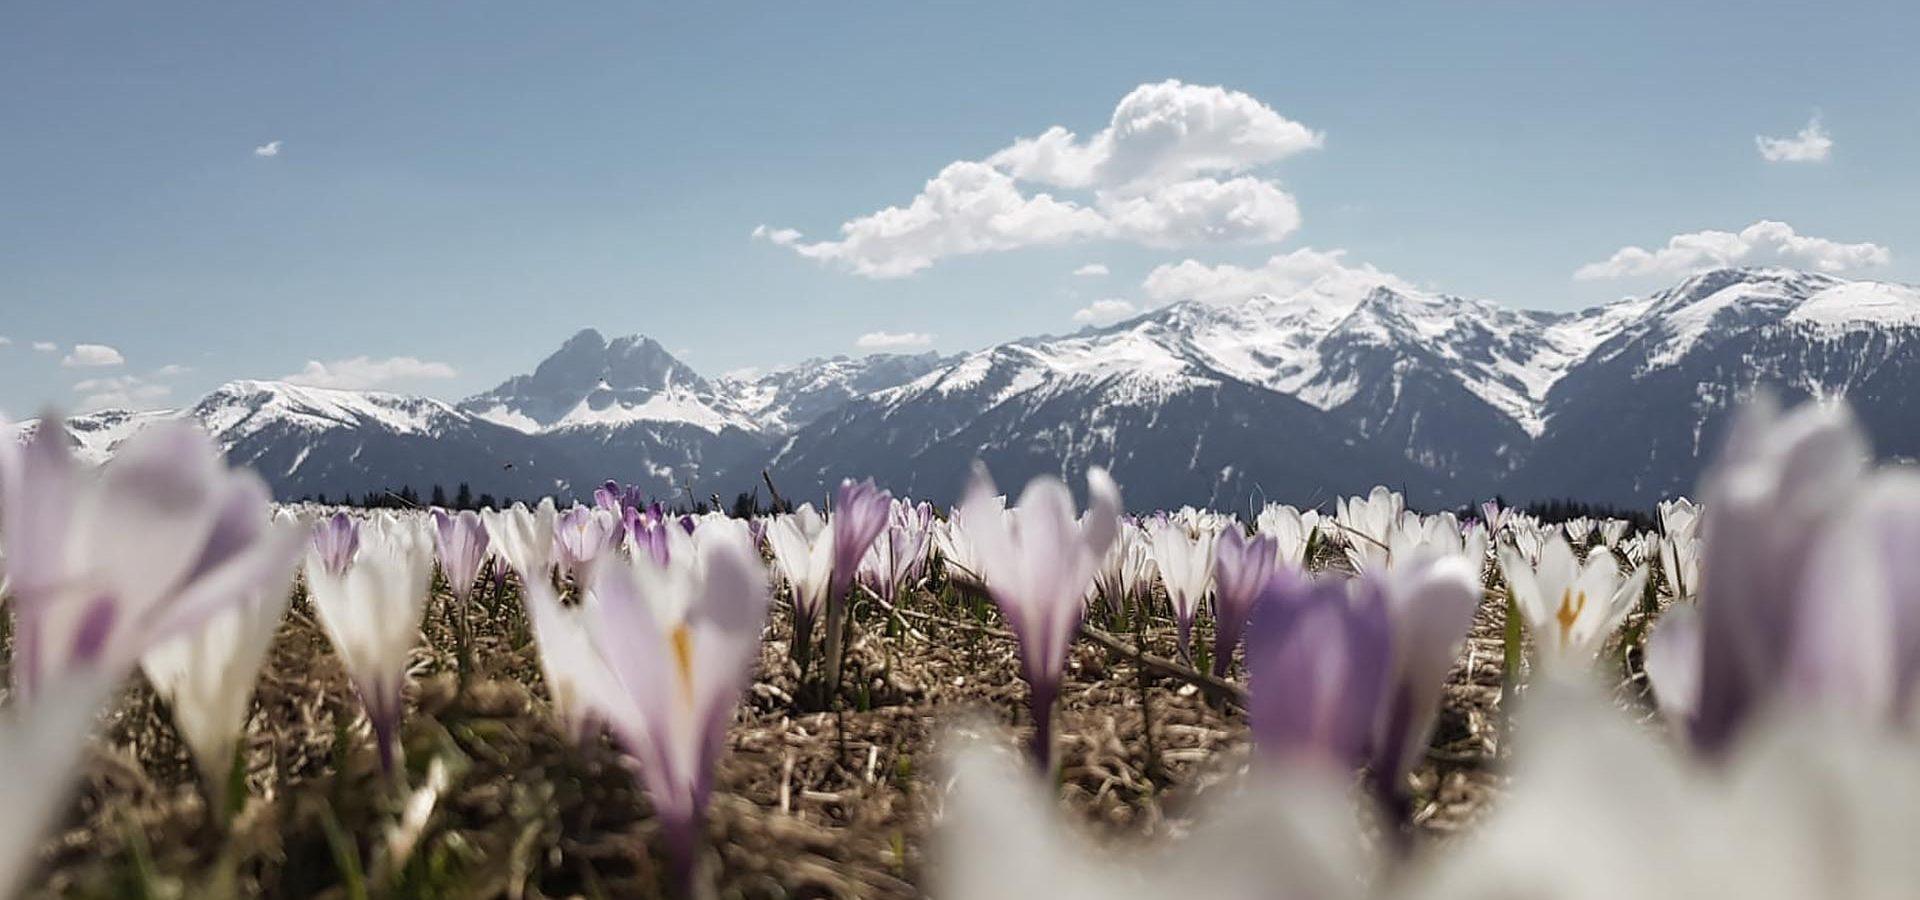 Frühling in den Bergen genießen